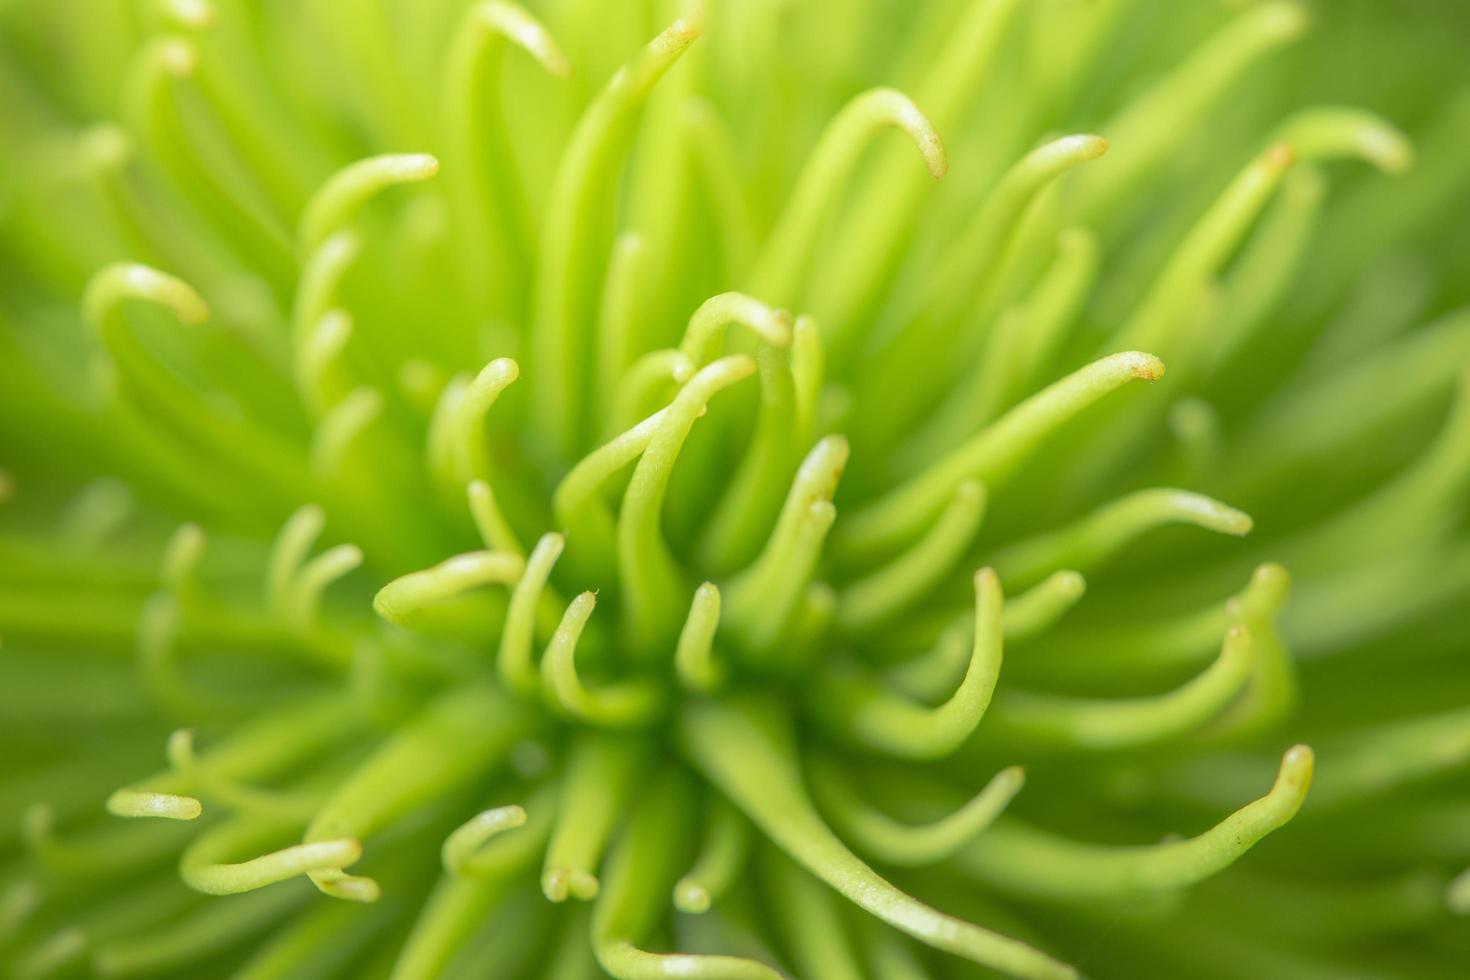 sfondo di piante, foto in primo piano